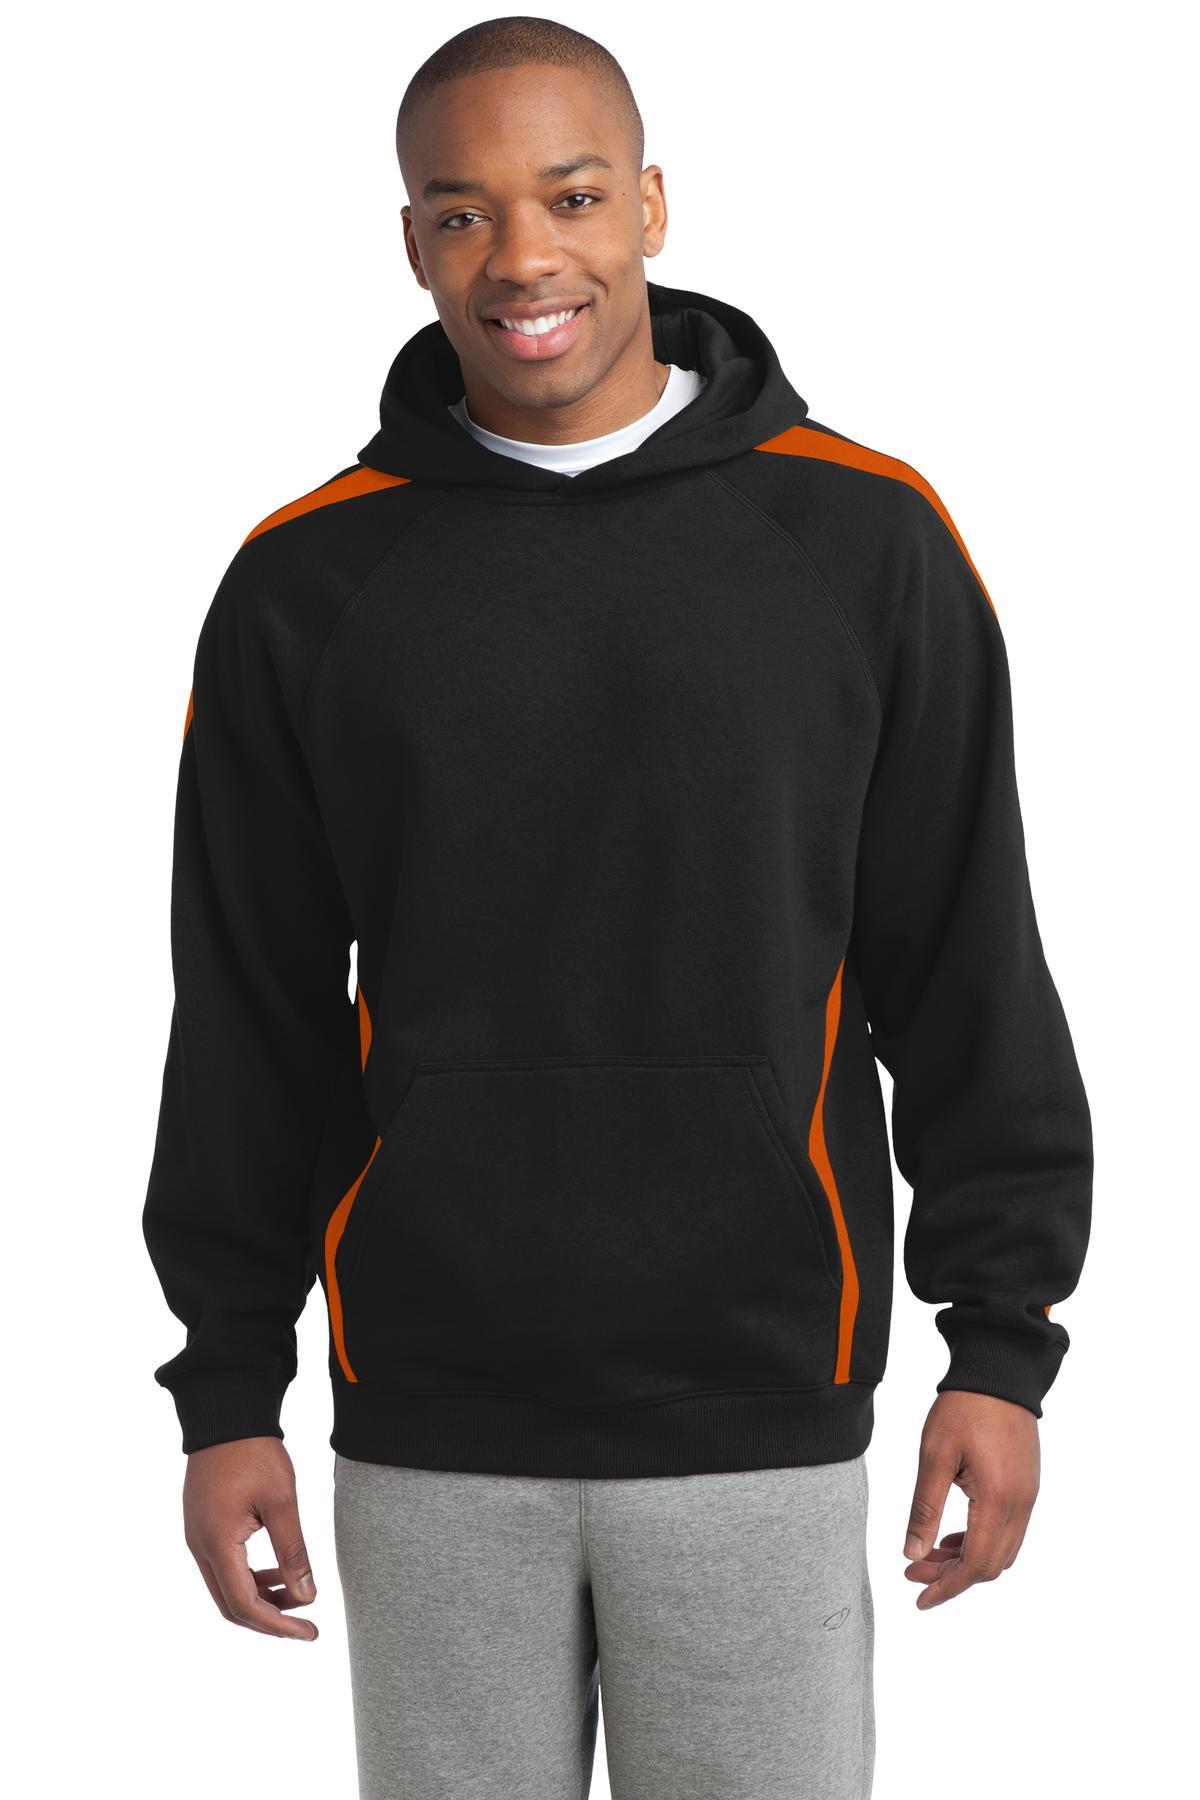 Sweatshirts-Fleece-Hooded-62